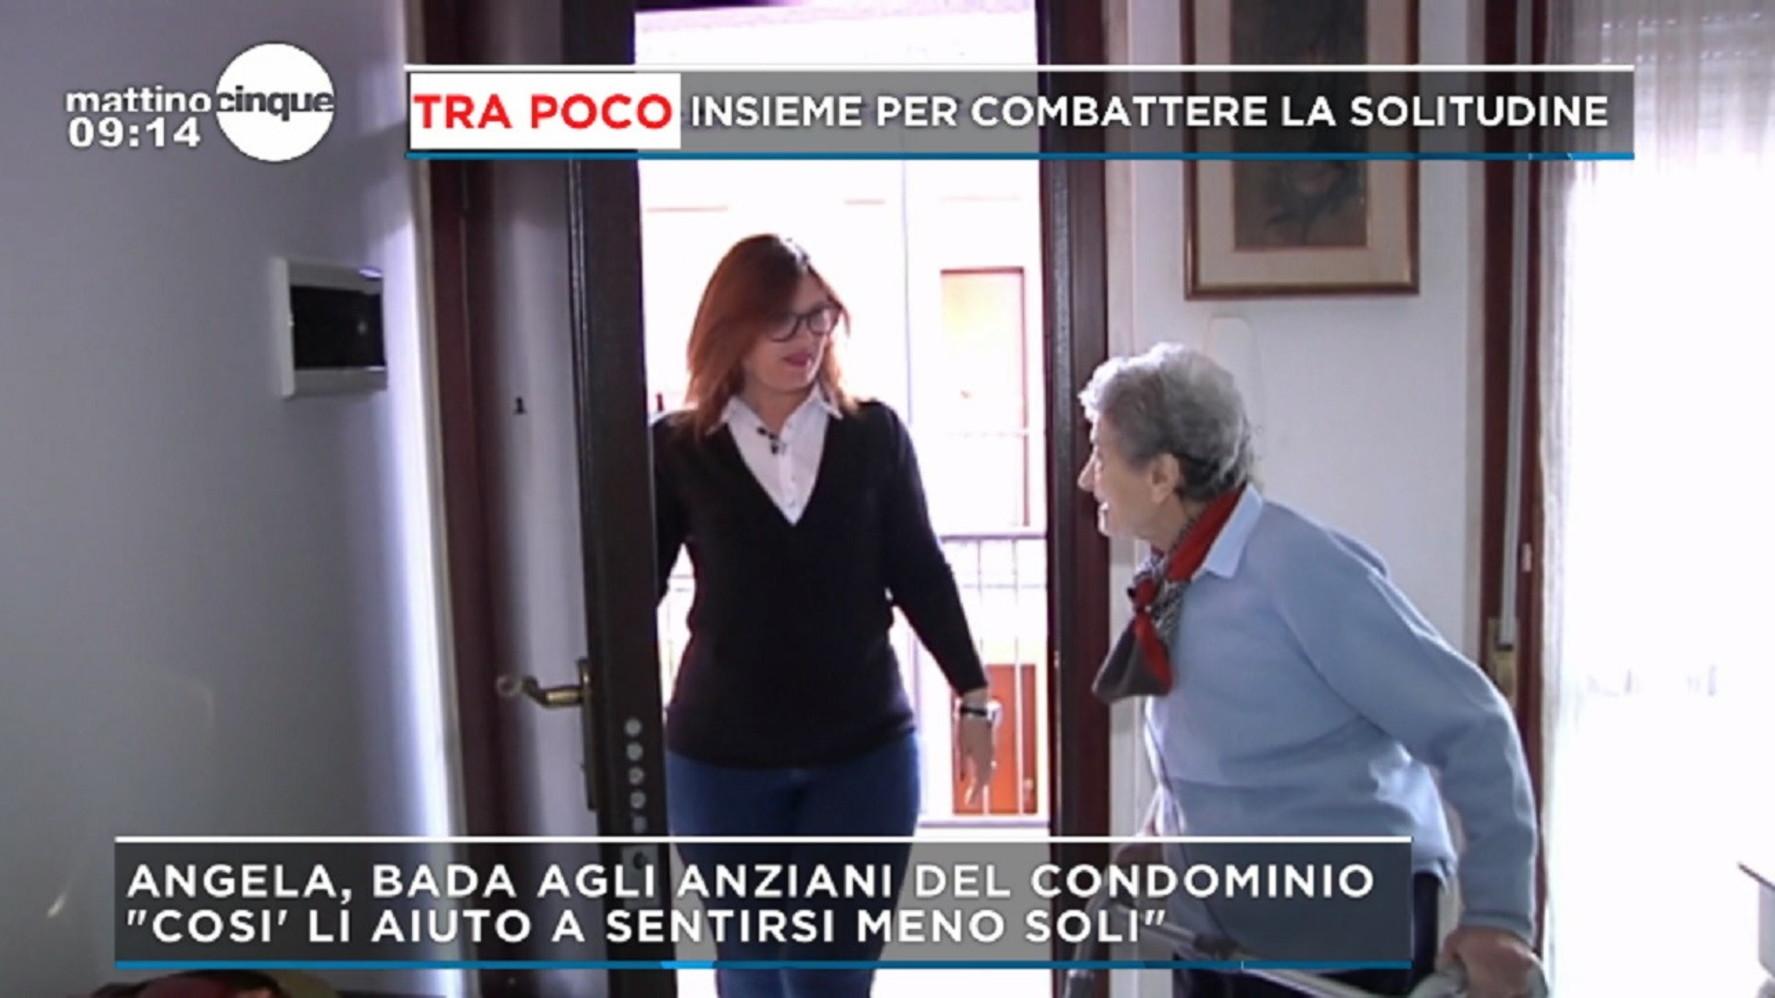 """Pavia, badante condominiale per i pensionati: """"Per assisterli nelle commissioni giornaliere"""" - TGCOM"""